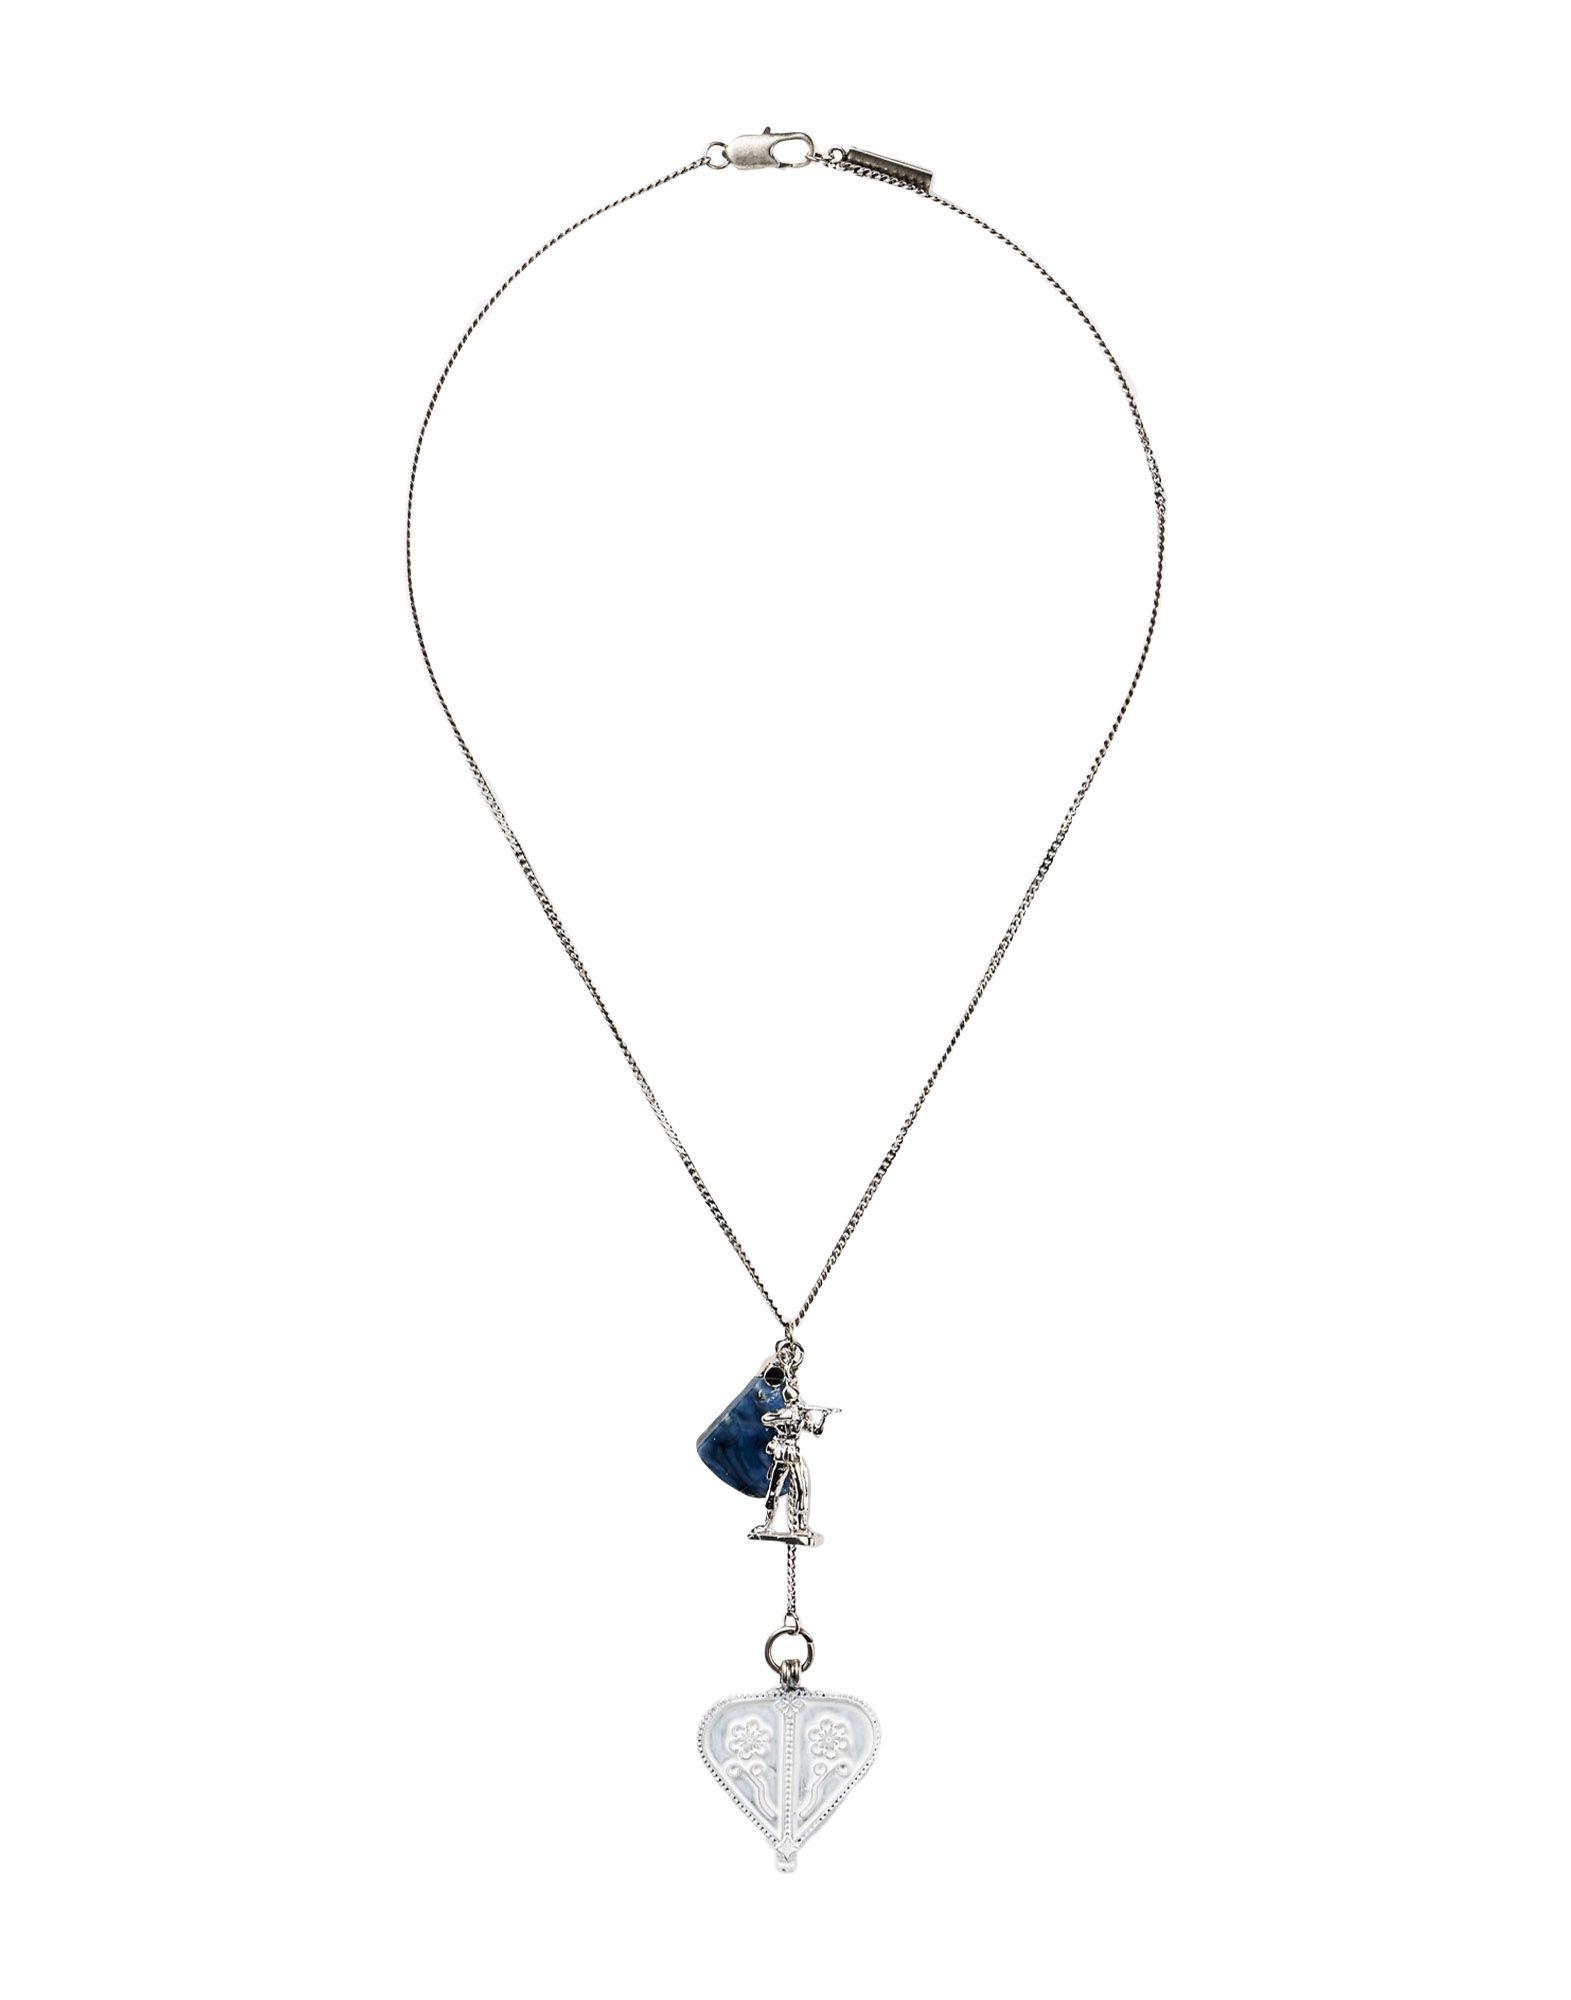 《セール開催中》MAISON MARGIELA メンズ ネックレス ブルー 真鍮/ブラス 100% / PMMA アクリル樹脂 / 亜鉛 / 銅 / 銀